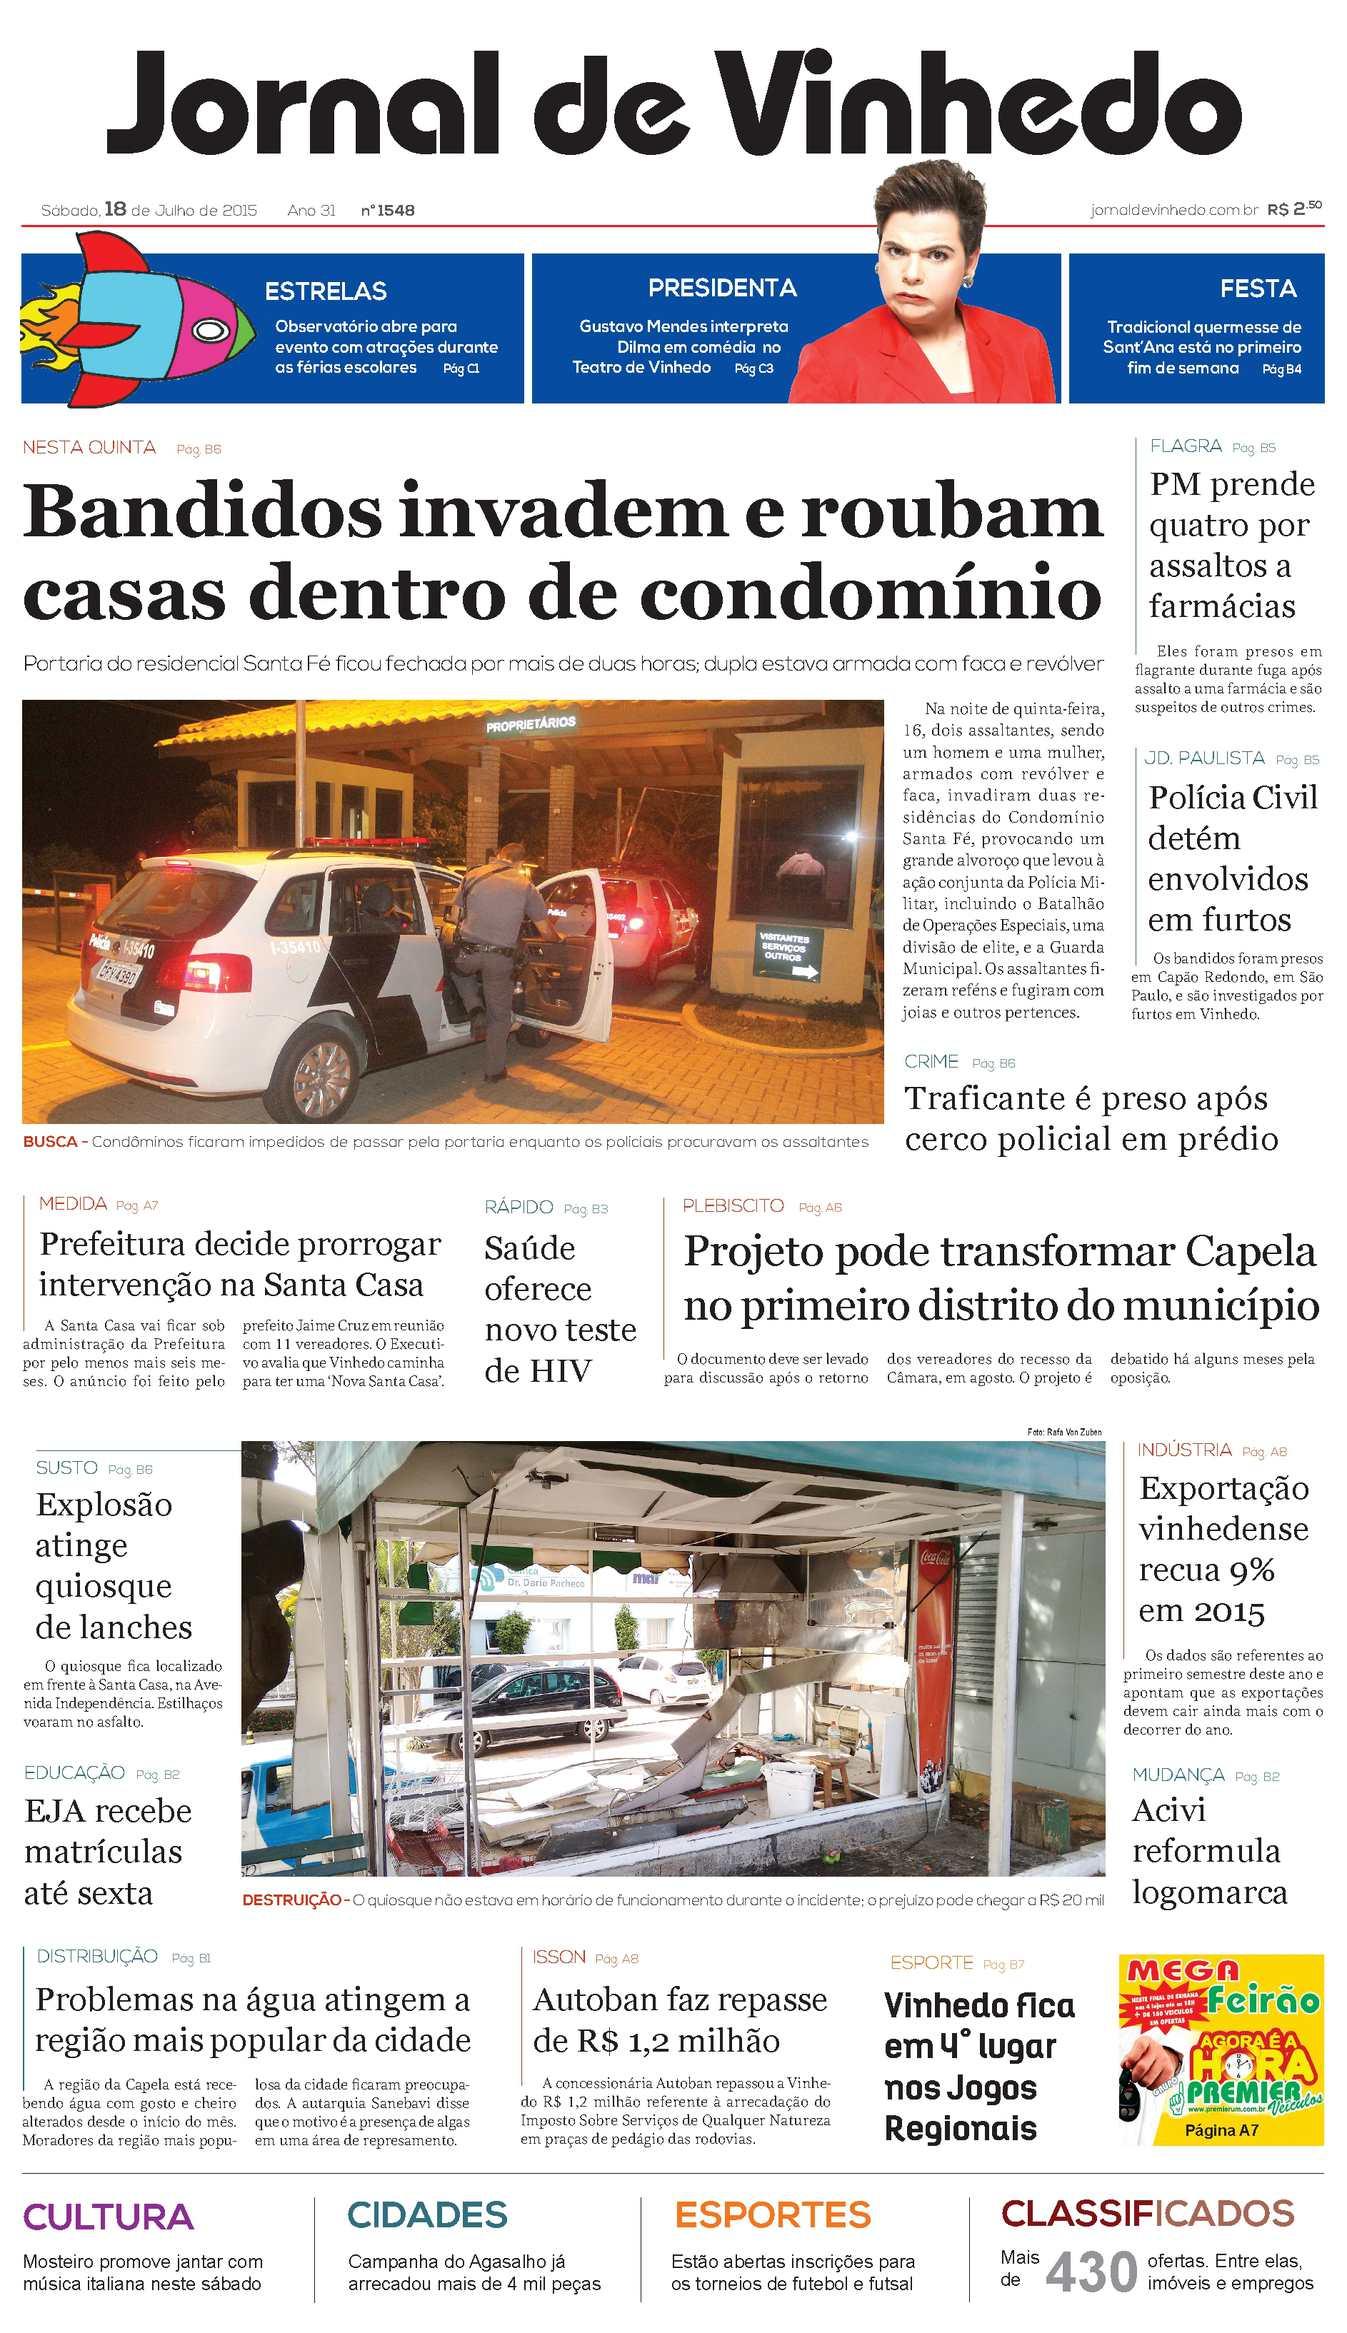 Calaméo - Jornal De Vinhedo Sábado, 18 De Julho De 2015 Edic1548 43126a7b0f